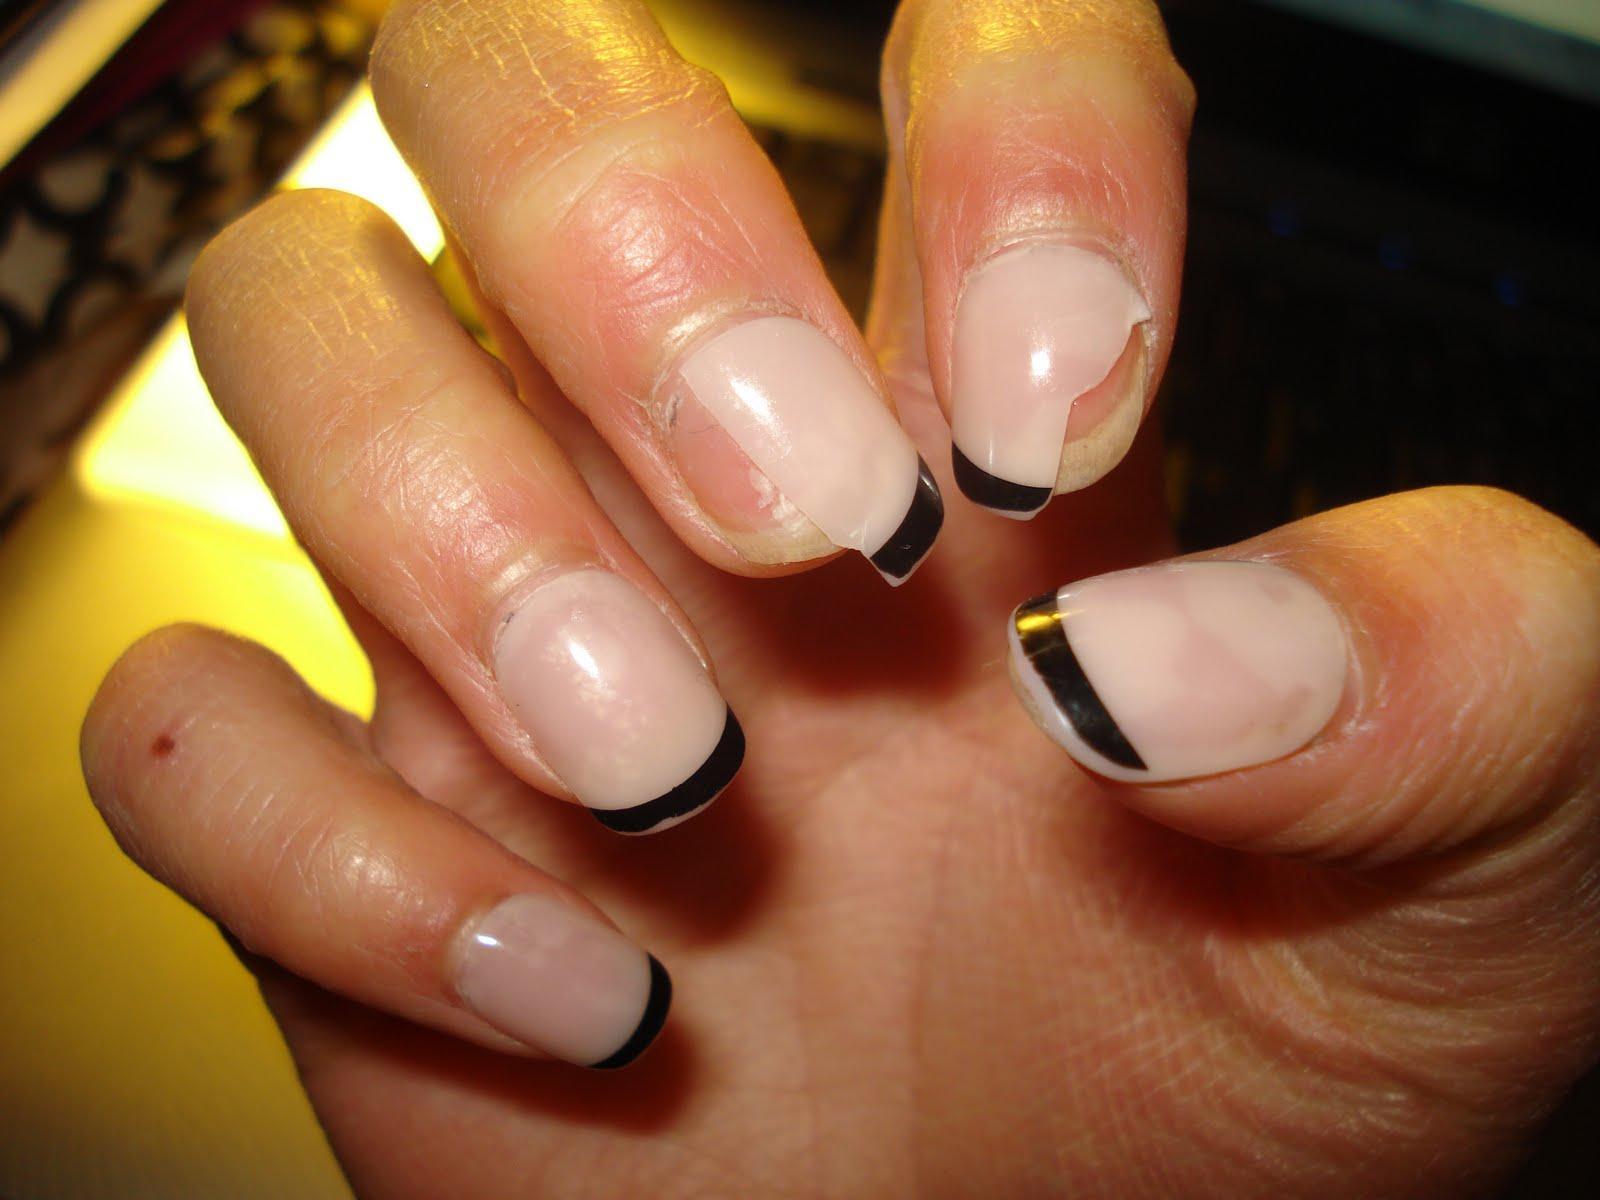 nails stiletto nails toenail designs summer nails nail colors opi nail